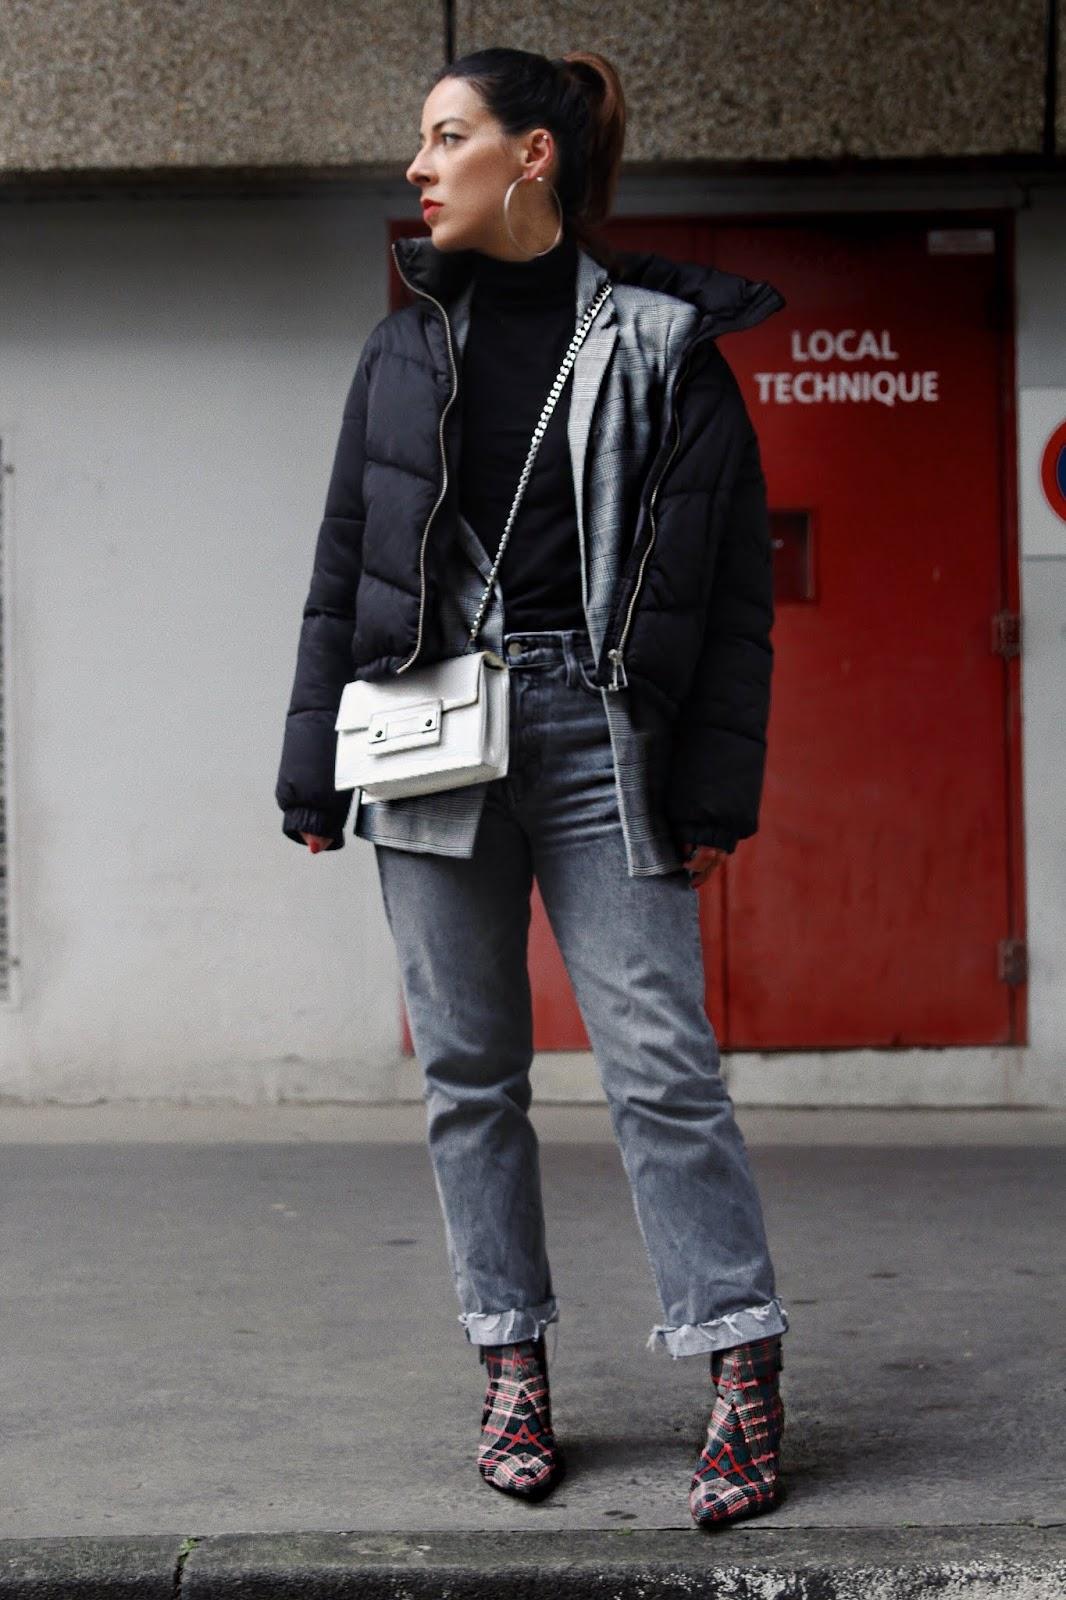 tendance carreaux, idée de look,2019, doudoune noir